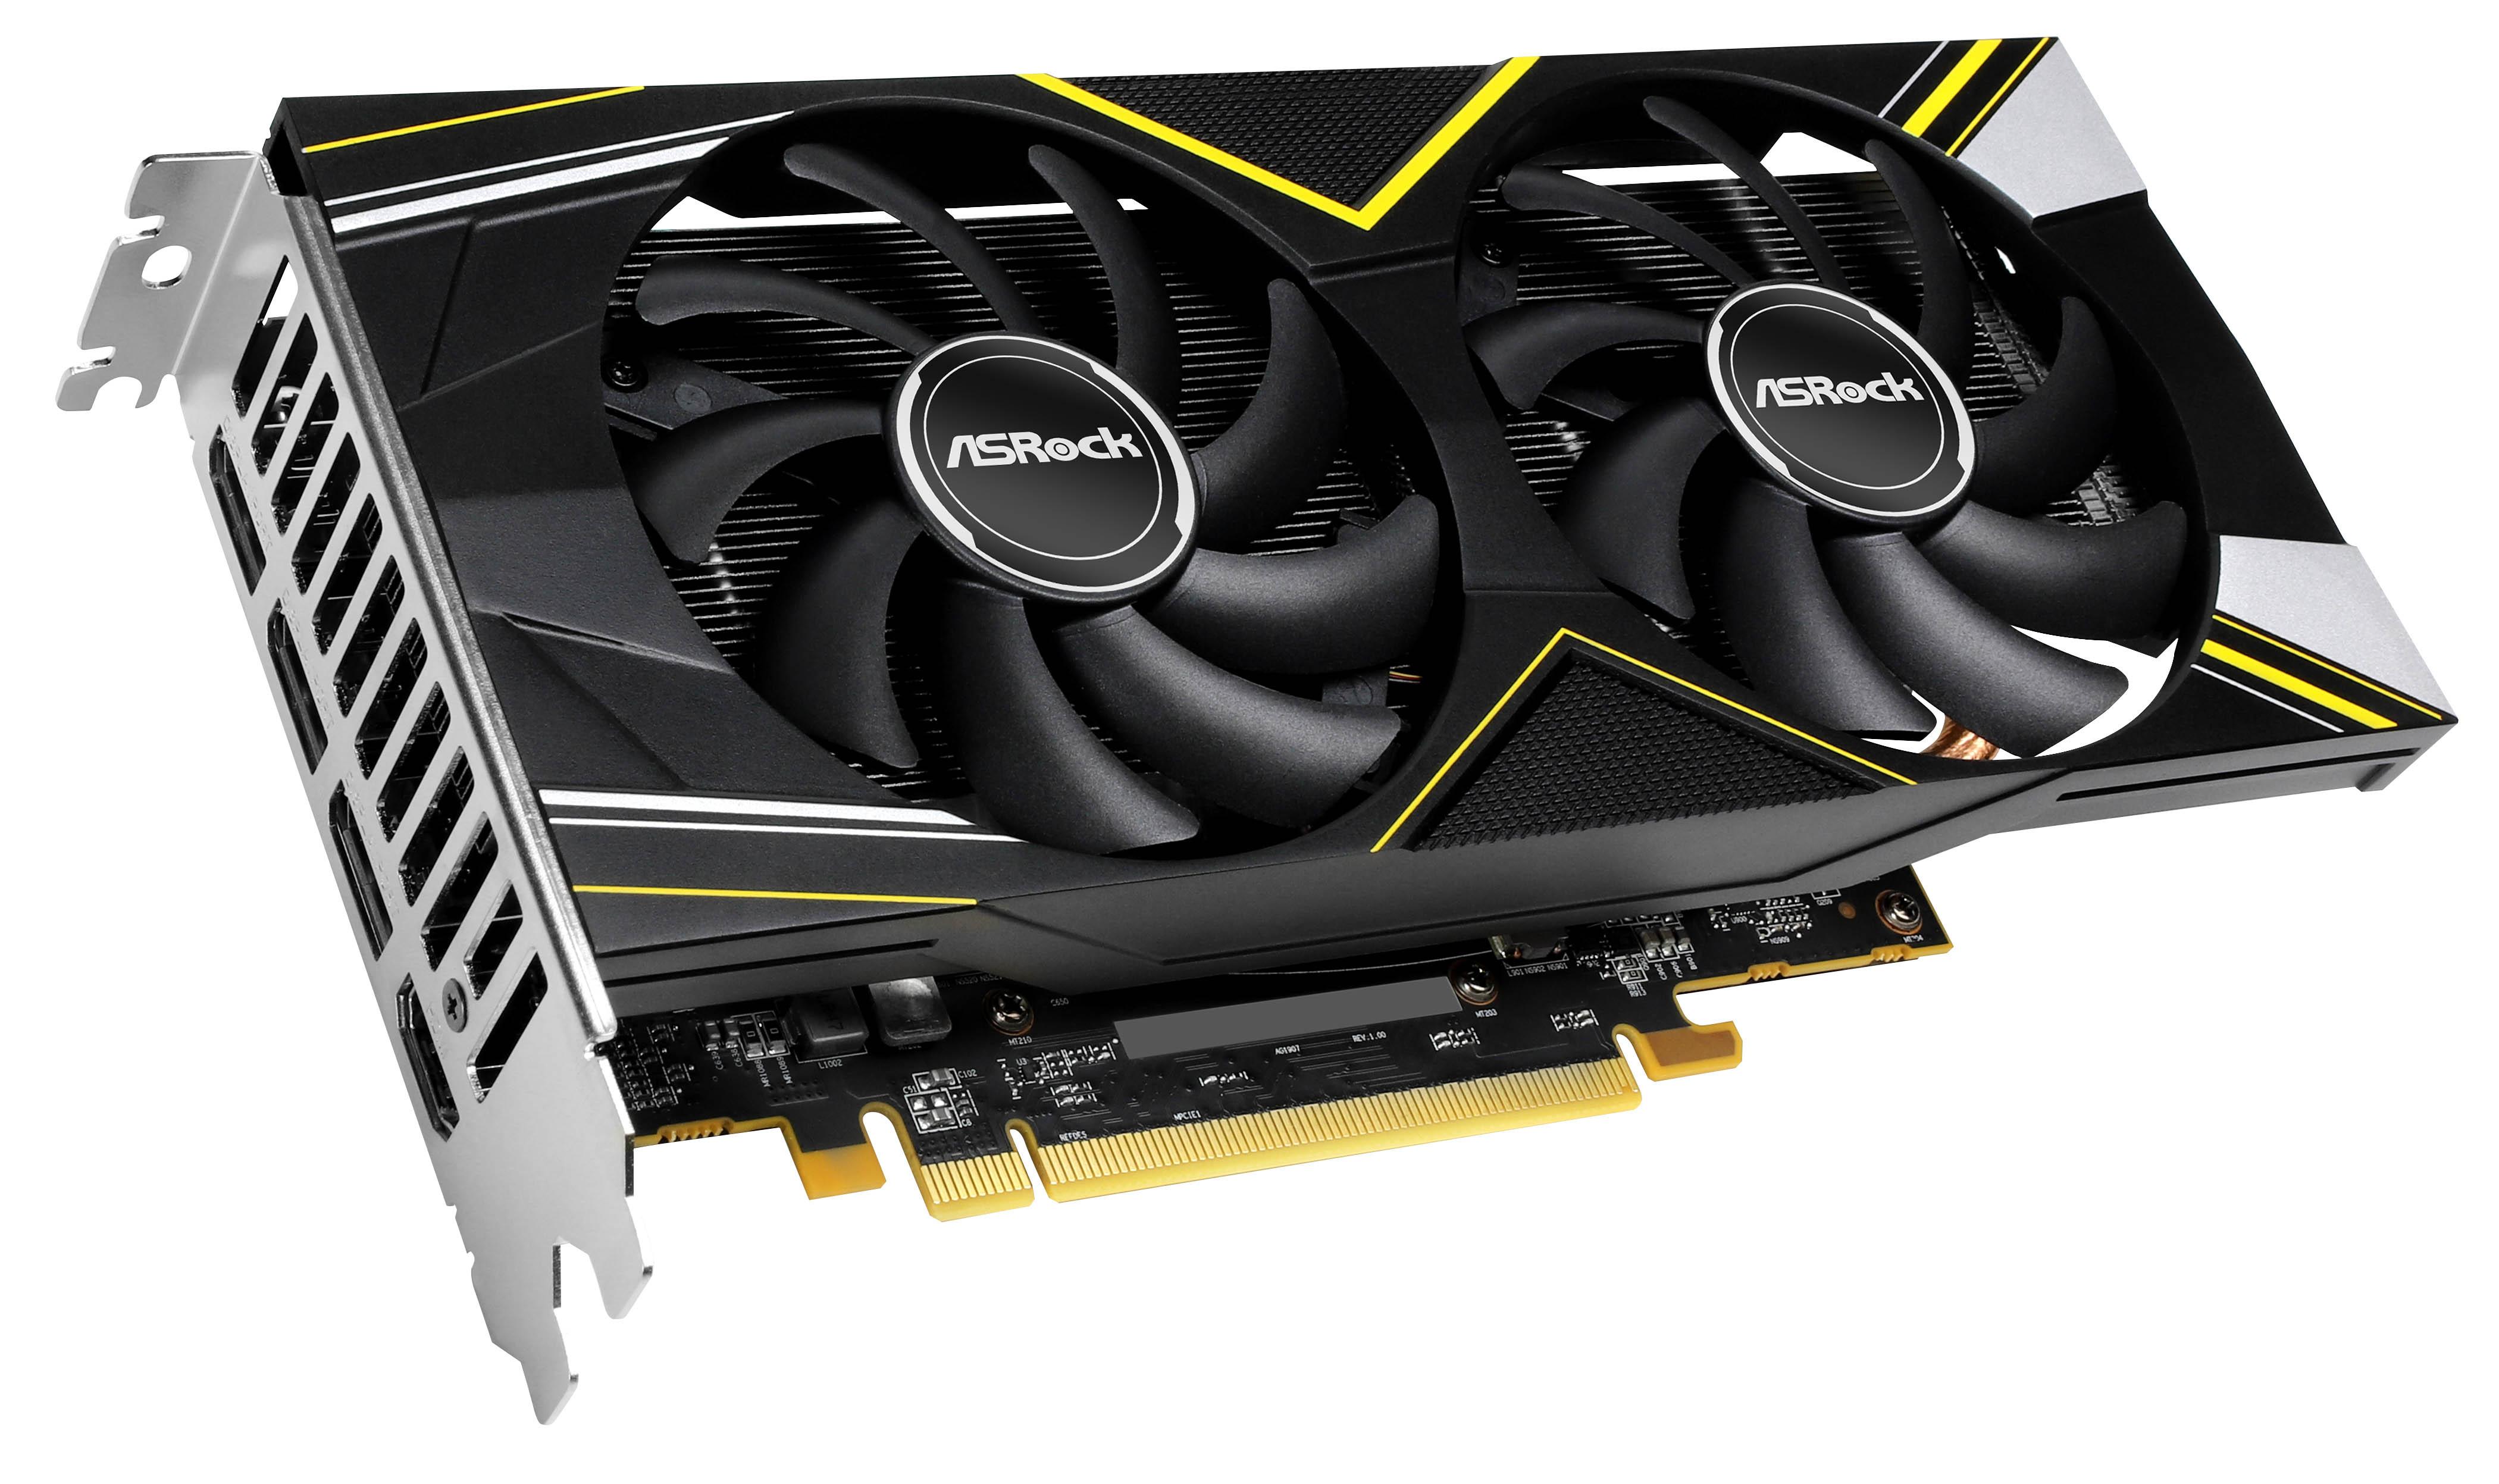 Radeon RX 5500 XT ufficiale: la GPU per il gaming FullHD 1